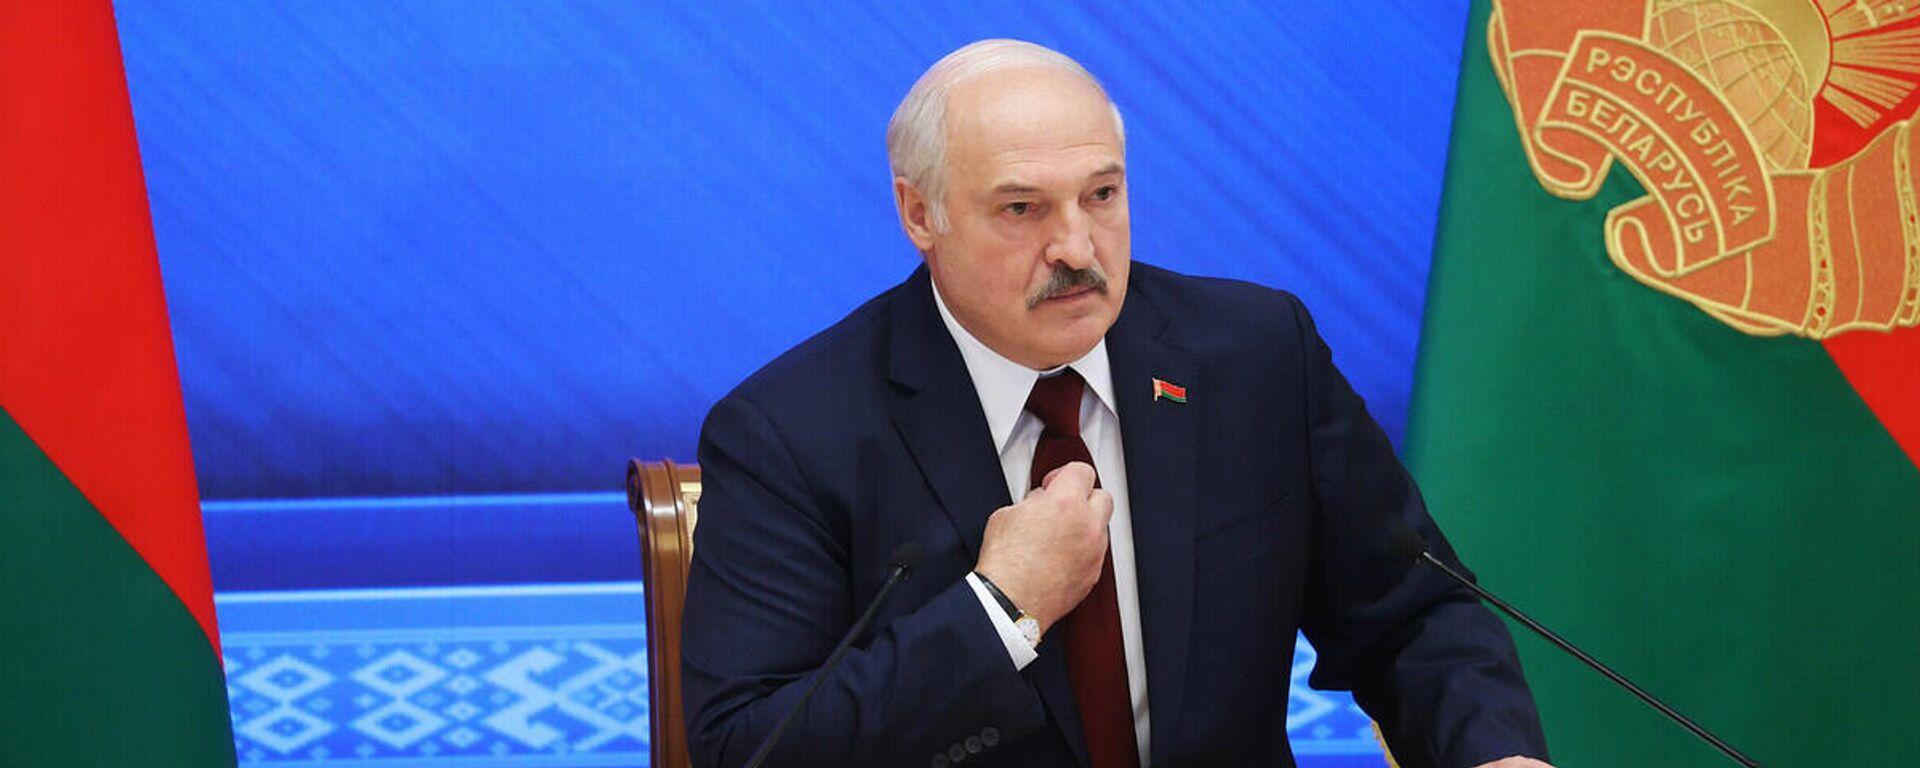 """Lukašenko na """"Velikom razgovoru sa predsednikom"""" - Sputnik Srbija, 1920, 20.09.2021"""